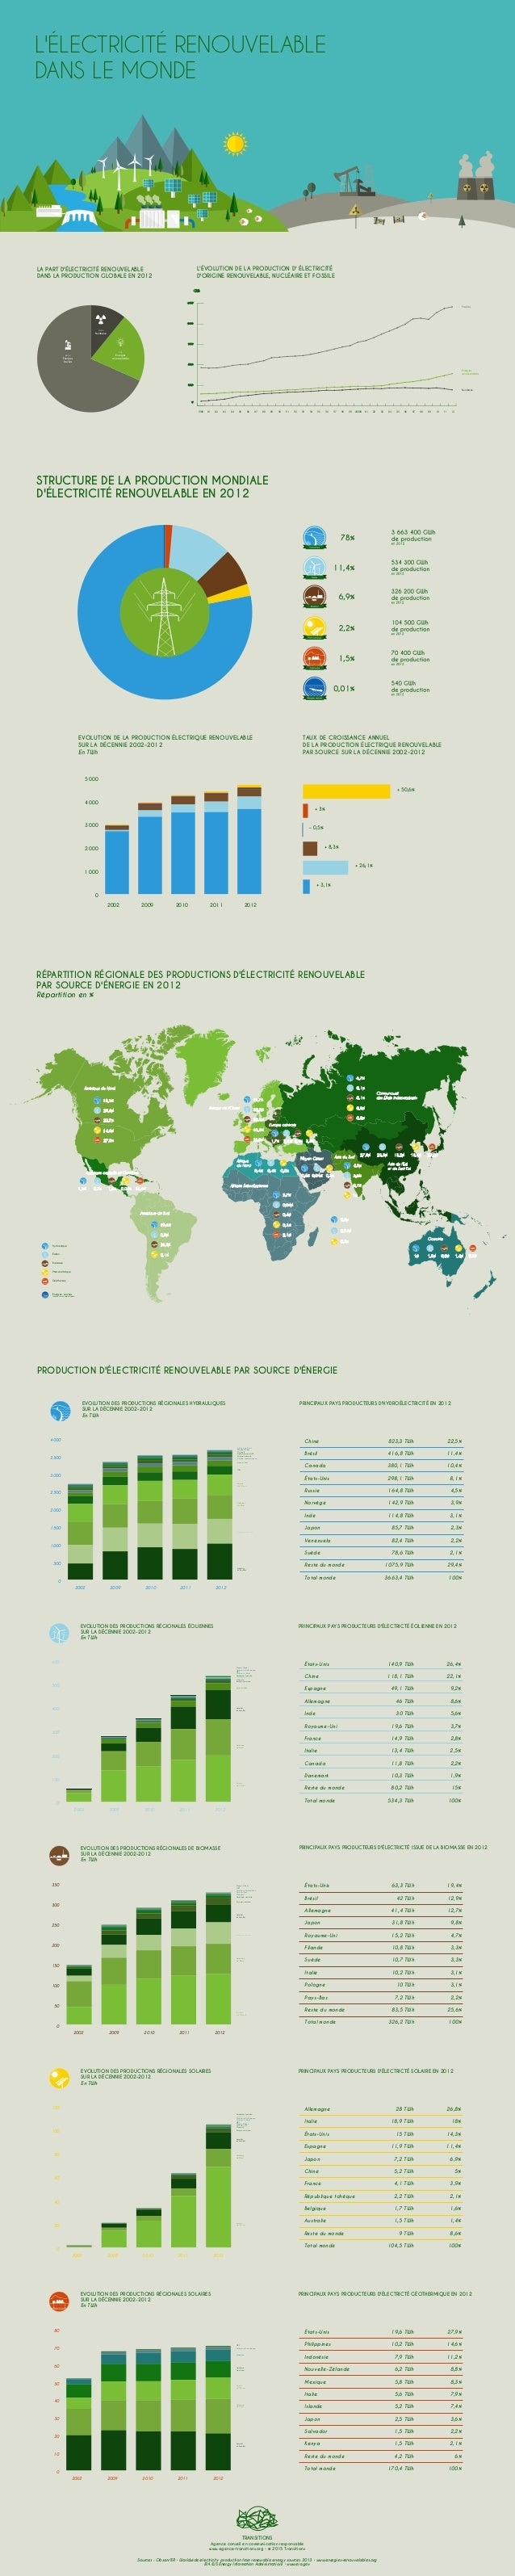 L'ÉLECTRICITÉ RENOUVELABLE DANS LE MONDE 2002 2009 2010 2011 2012 + 50,6% TAUX DE CROISSANCE ANNUEL DE LA PRODUCTION ÉLECT...